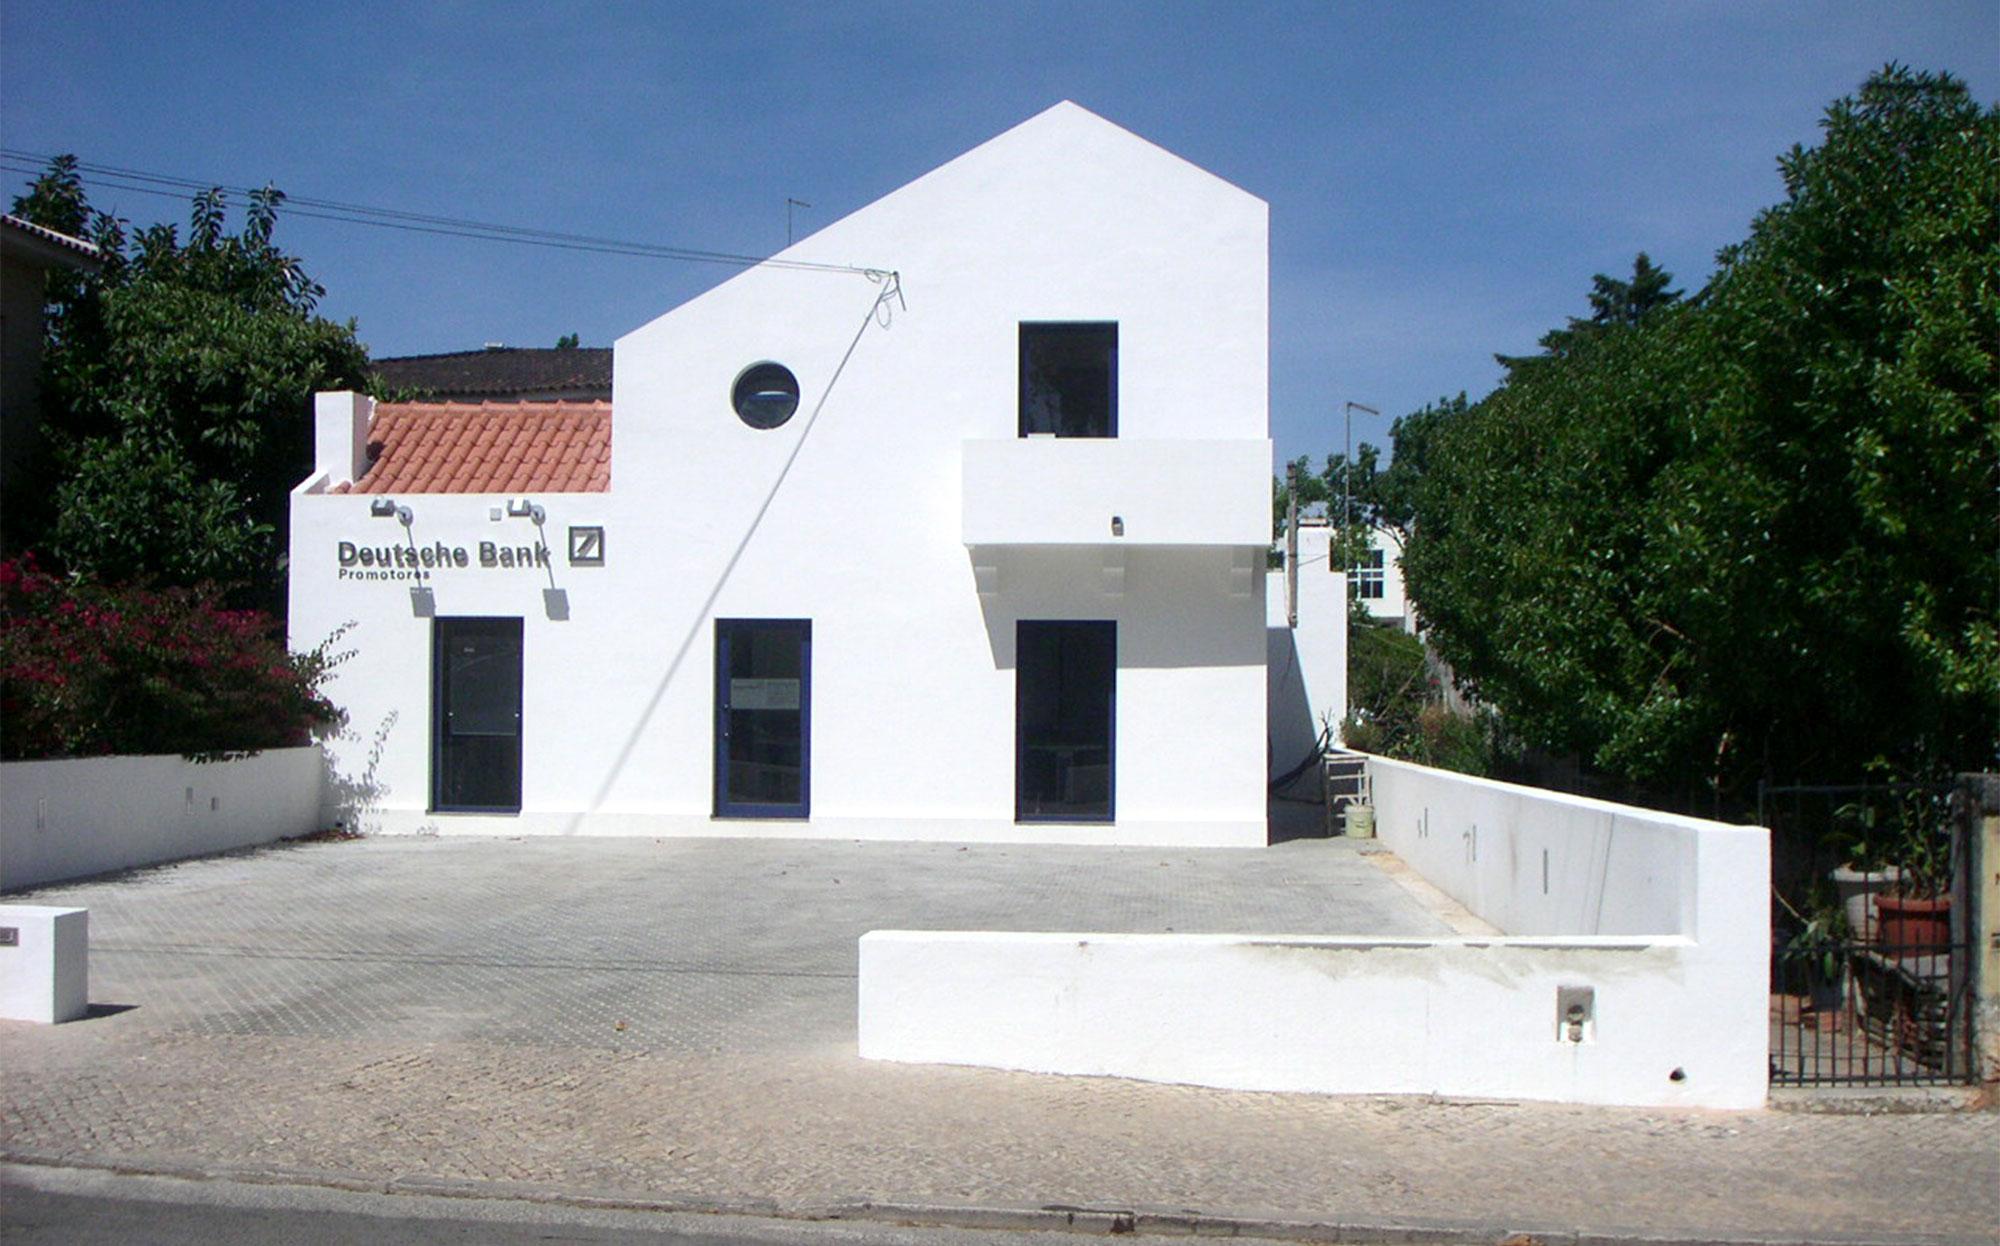 Projecto de Arquitectura Sucursal Deutsche Bank | Arquitectura, Arquitecto Lisboa, Projecto arquitectura Lisboa, Arquitecto Lisboa, Arquitecto, Gabinete de Arquitetura Lisboa